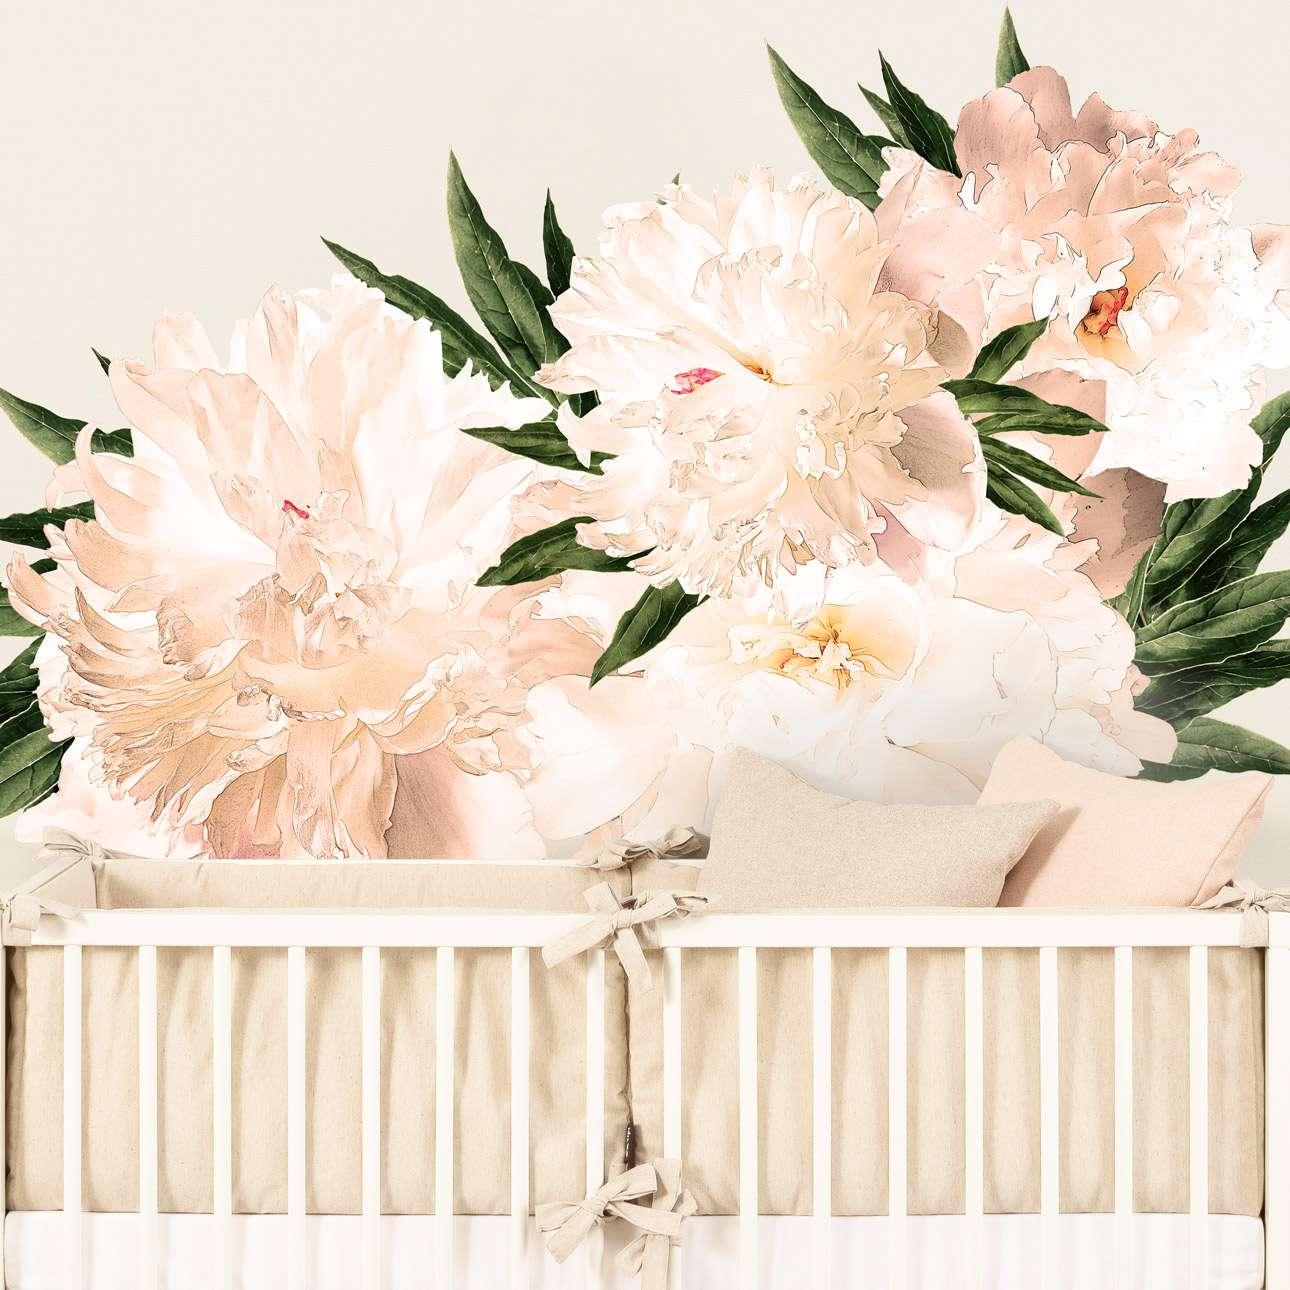 Naklejka Peony flowers